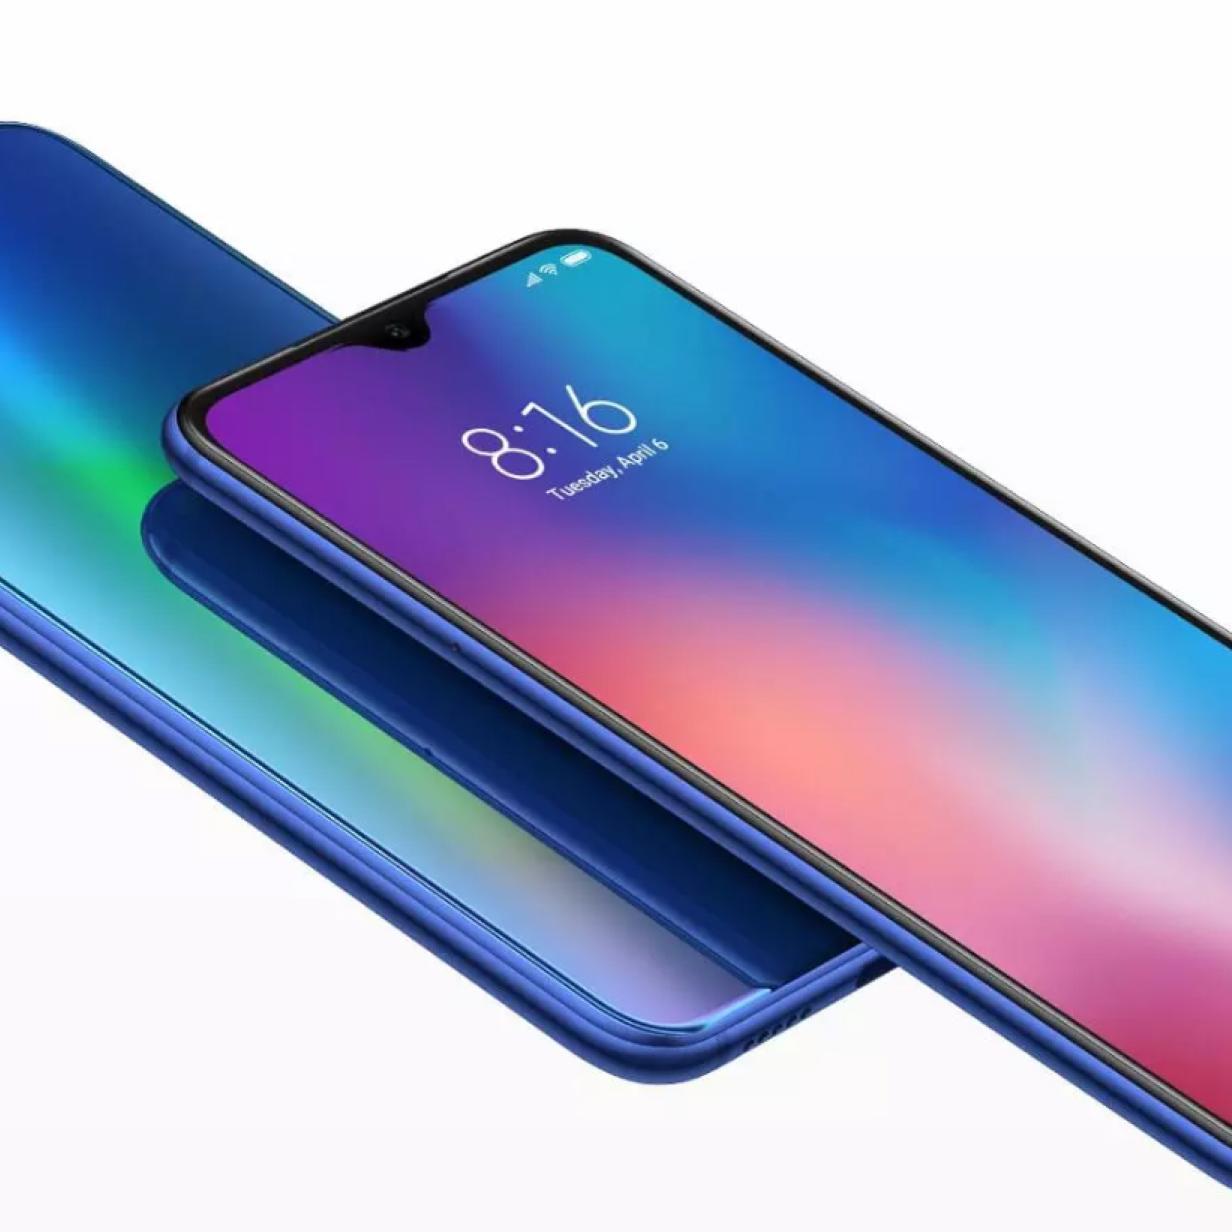 Xiaomi bringt günstigere Version von Mi 9 nach Österreich